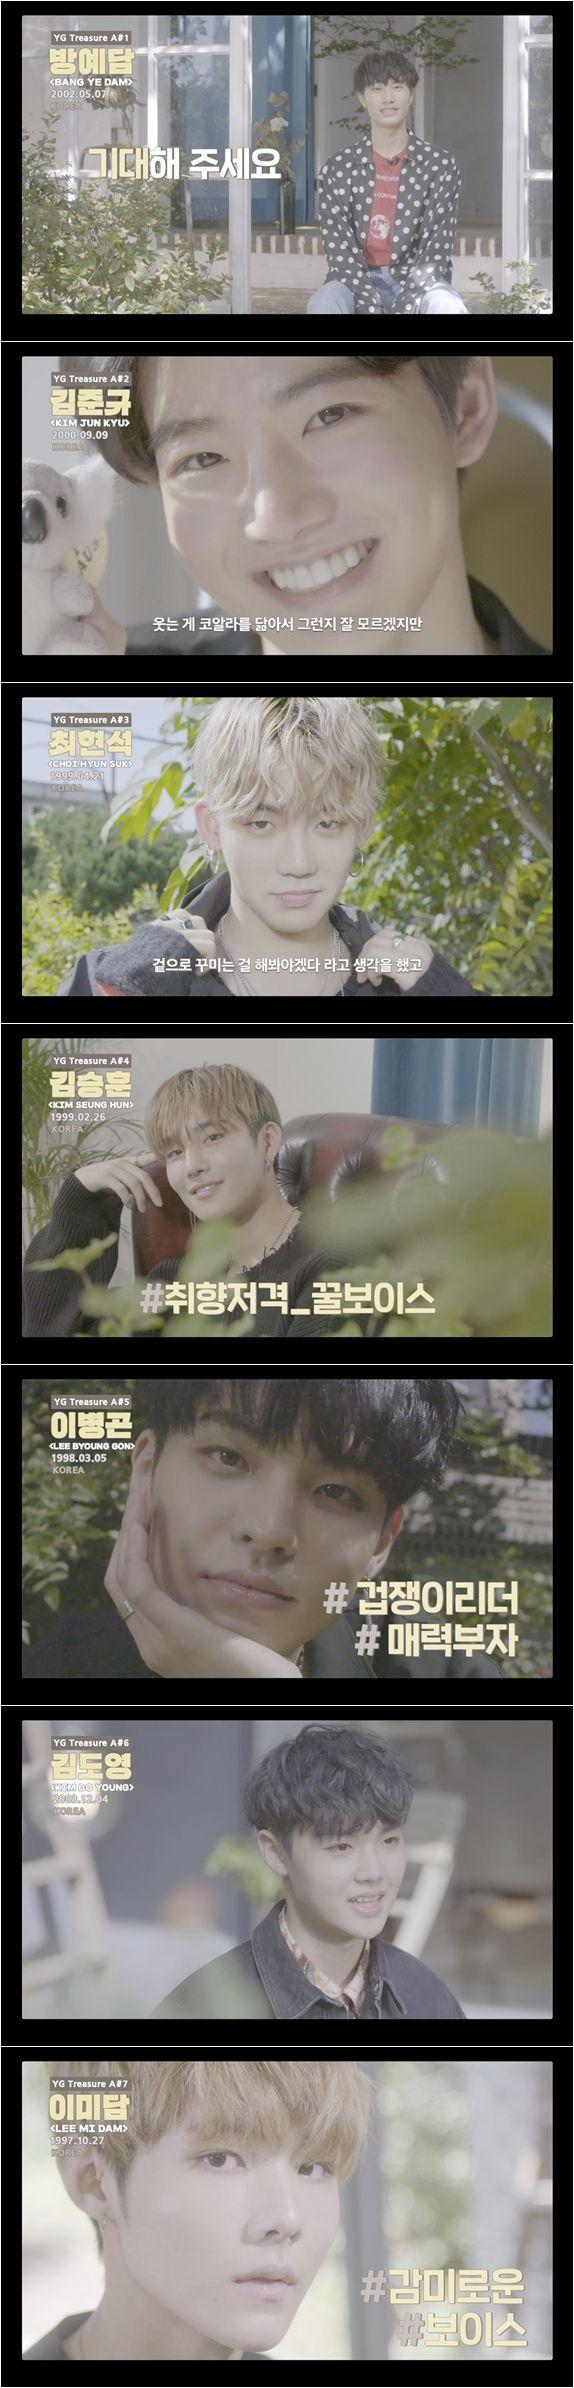 'YG보석함' 열렸다…'방예담 포함' A조 그룹 7명 첫 공개  기본이미지